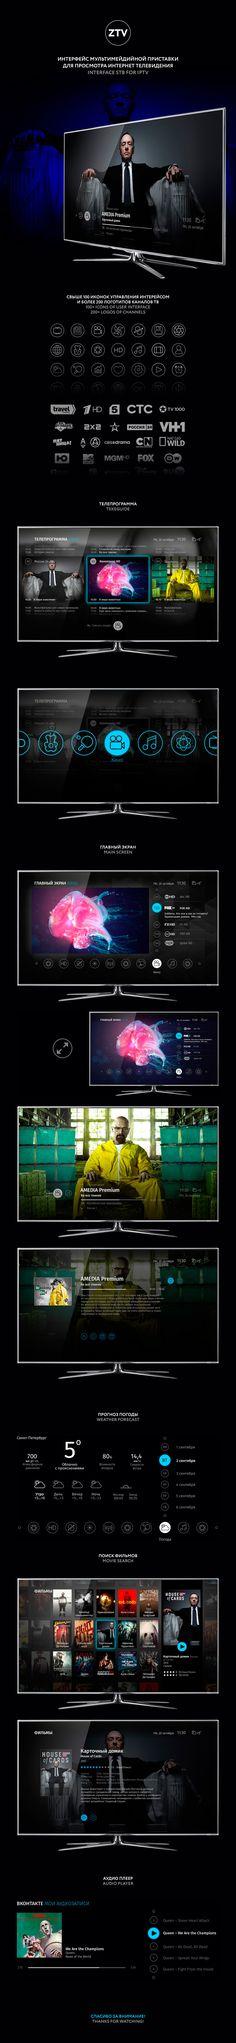 Interface IPTV on Behance